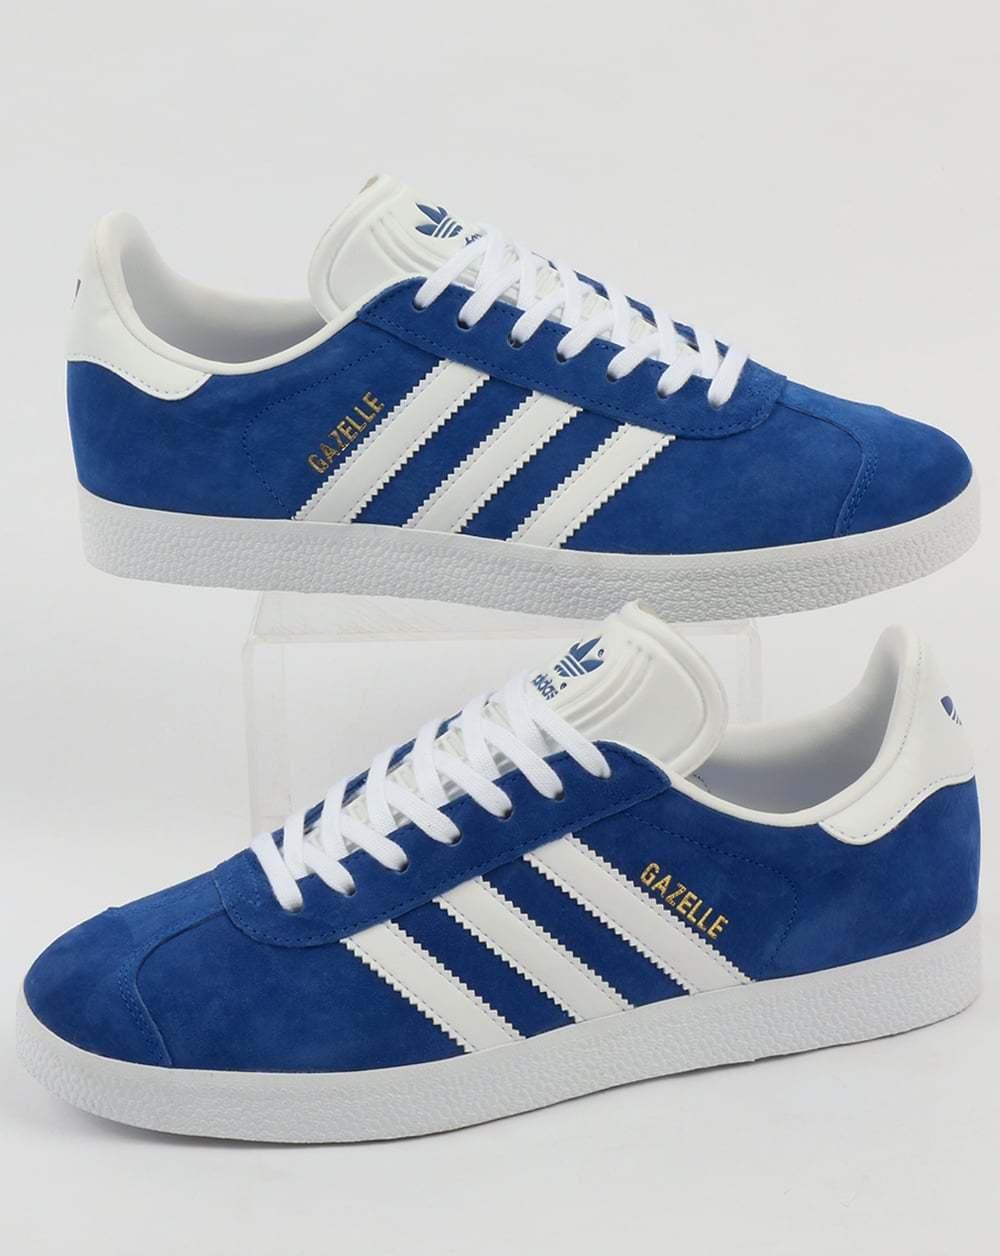 Adidas gazzella formatori in blu reale & & & bianca - classico retro 'scamosciato 3 righe | Nuovi prodotti nel 2019  | Gentiluomo/Signora Scarpa  46c6be